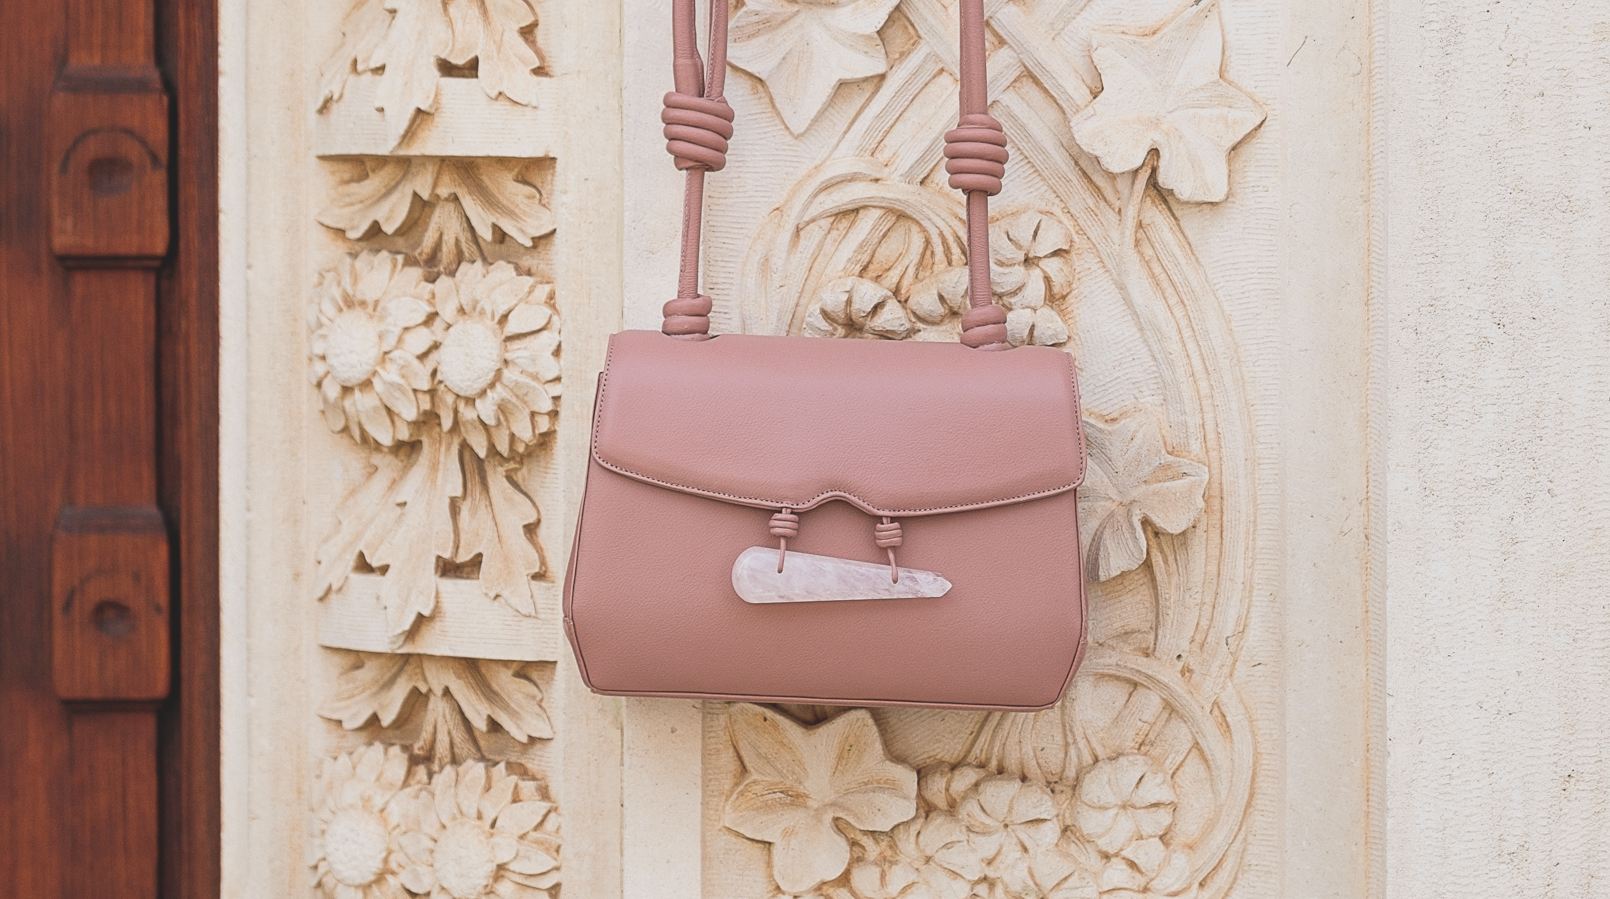 Le Fashionaire Vale a pena comprar uma bolsa da Soleah? mala rosa quartzo pele soleah 6641F PT